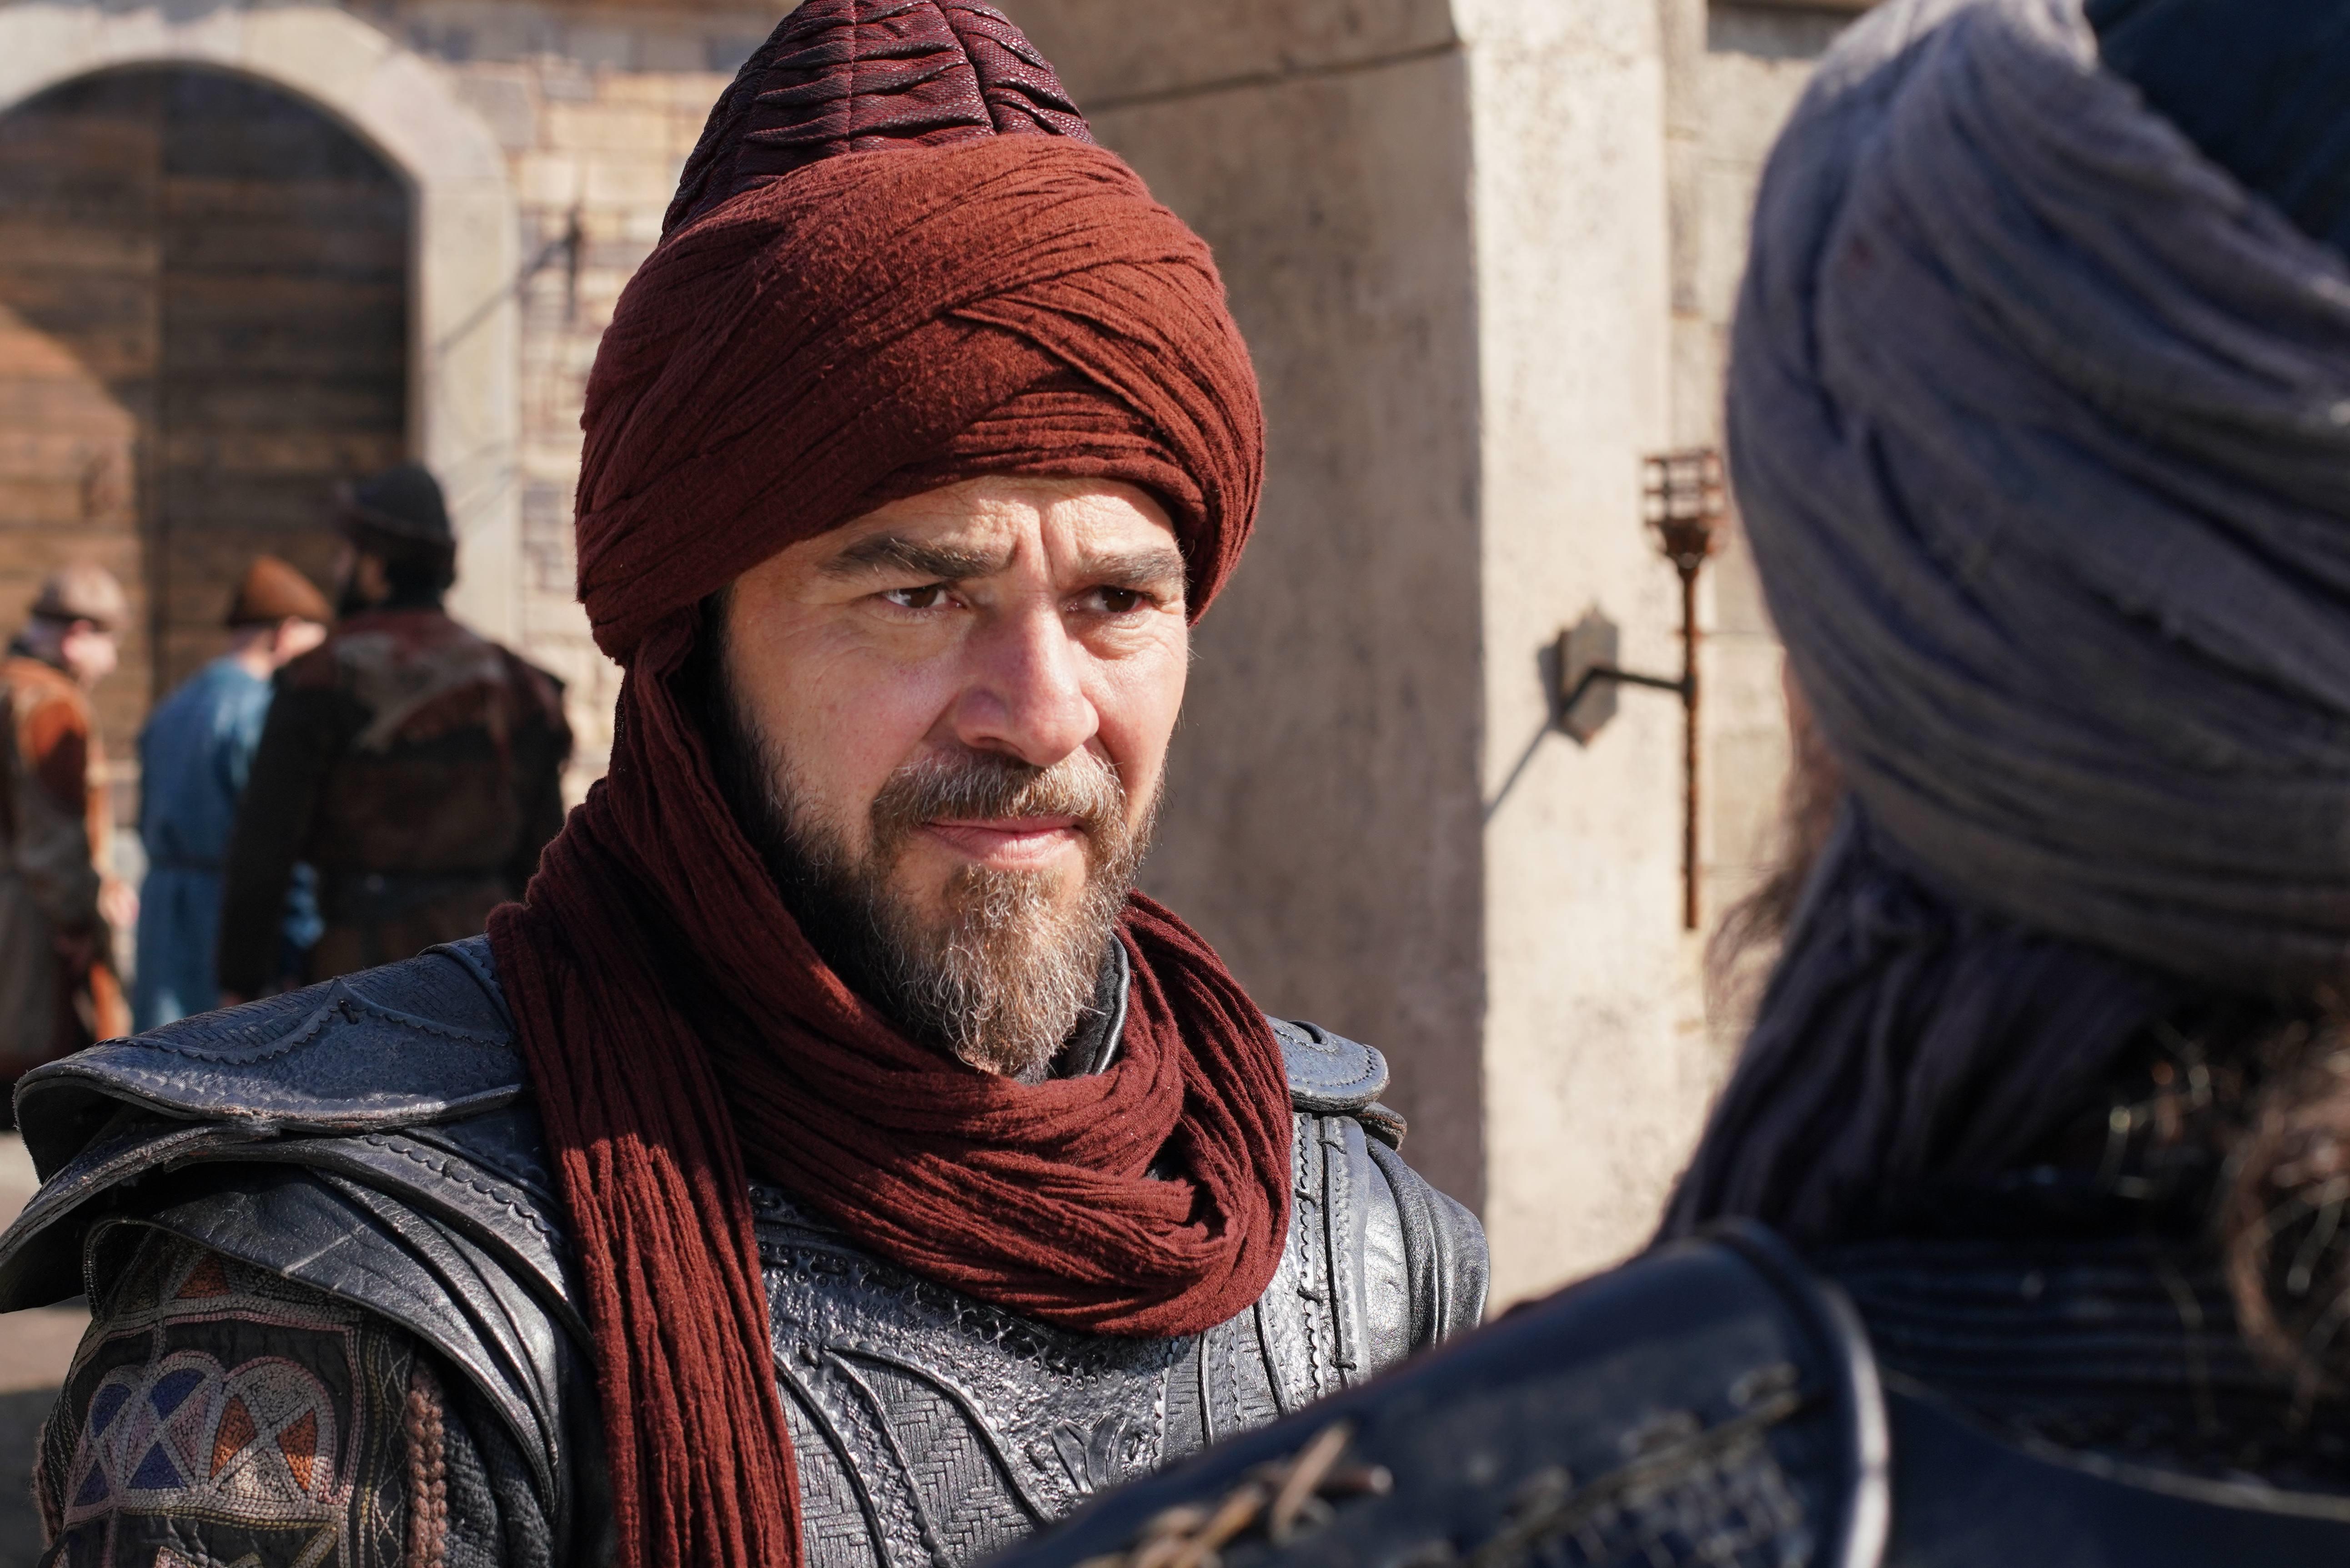 صور رسمية من الحلقة القادمة 139 من الموسم الخامس من قيامة أرطغرل بجودة عالية جداً